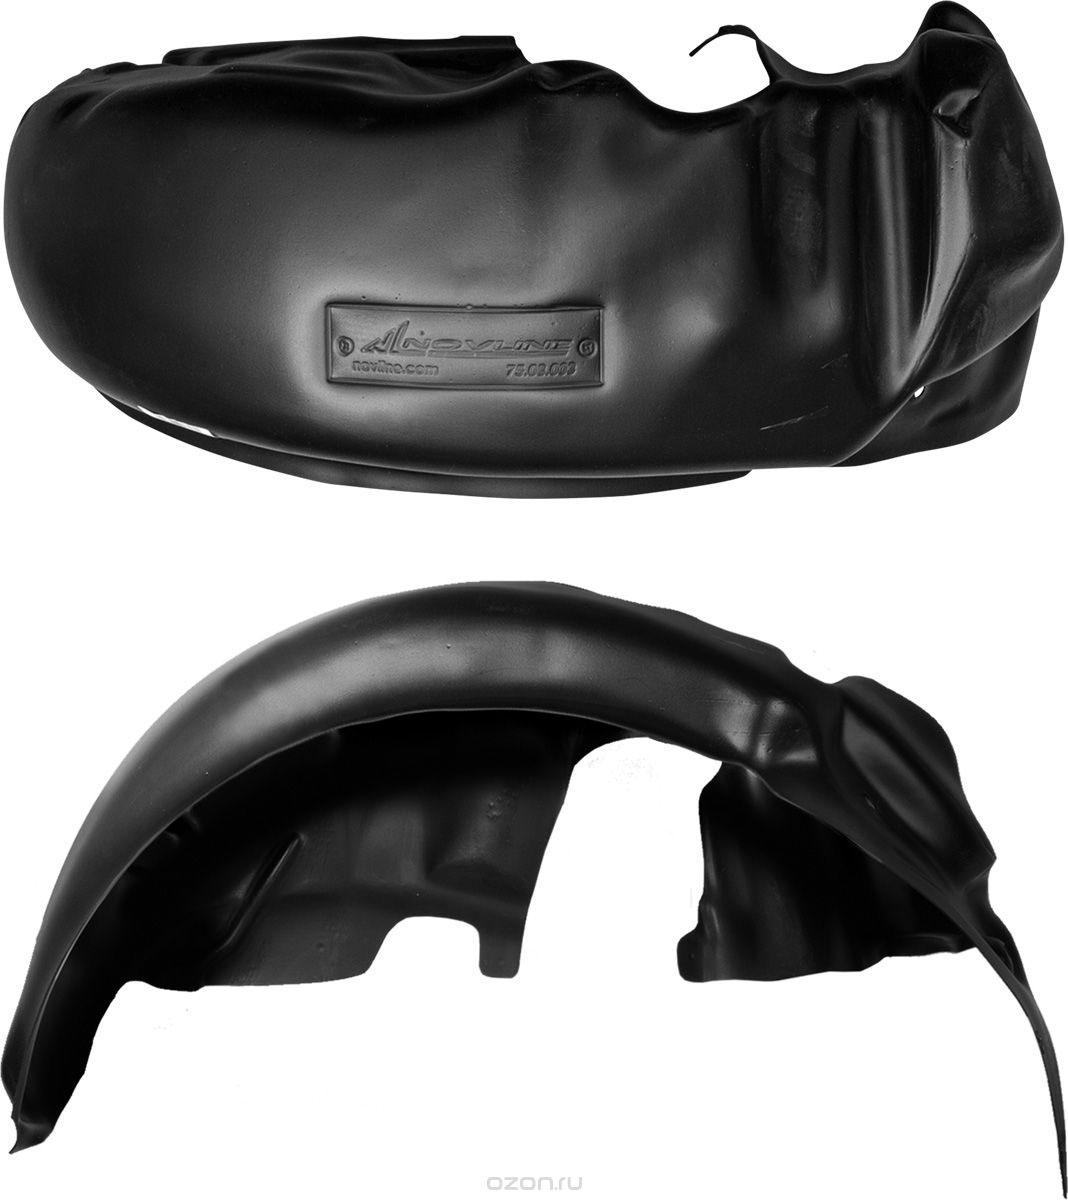 Подкрылок Novline-Autofamily, для Lifan X60, 07/2016->, кроссовер, передний левыйNLL.73.10.001Идеальная защита колесной ниши. Локеры разработаны с применением цифровых технологий, гарантируют максимальную повторяемость поверхности арки. Изделия устанавливаются без нарушения лакокрасочного покрытия автомобиля, каждый подкрылок комплектуется крепежом. Уважаемые клиенты, обращаем ваше внимание, что фотографии на подкрылки универсальные и не отражают реальную форму изделия. При этом само изделие идет точно под размер указанного автомобиля.